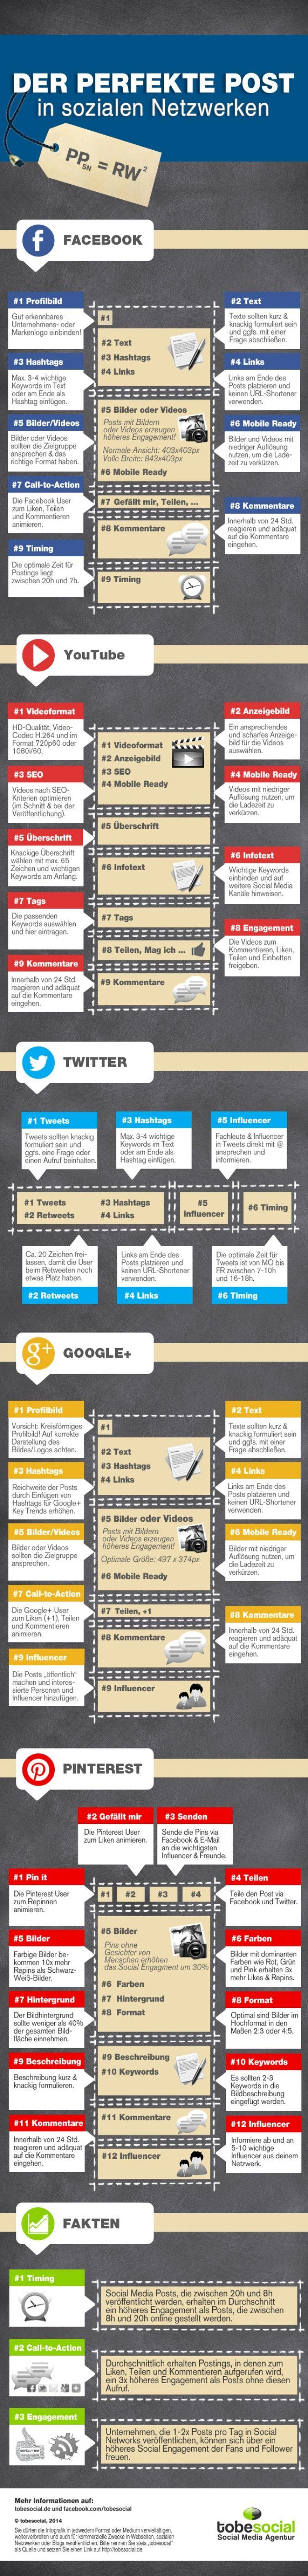 Wie sieht der perfekte Post auf Facebook, Twitter, Google+, Pinterest und YouTube aus?